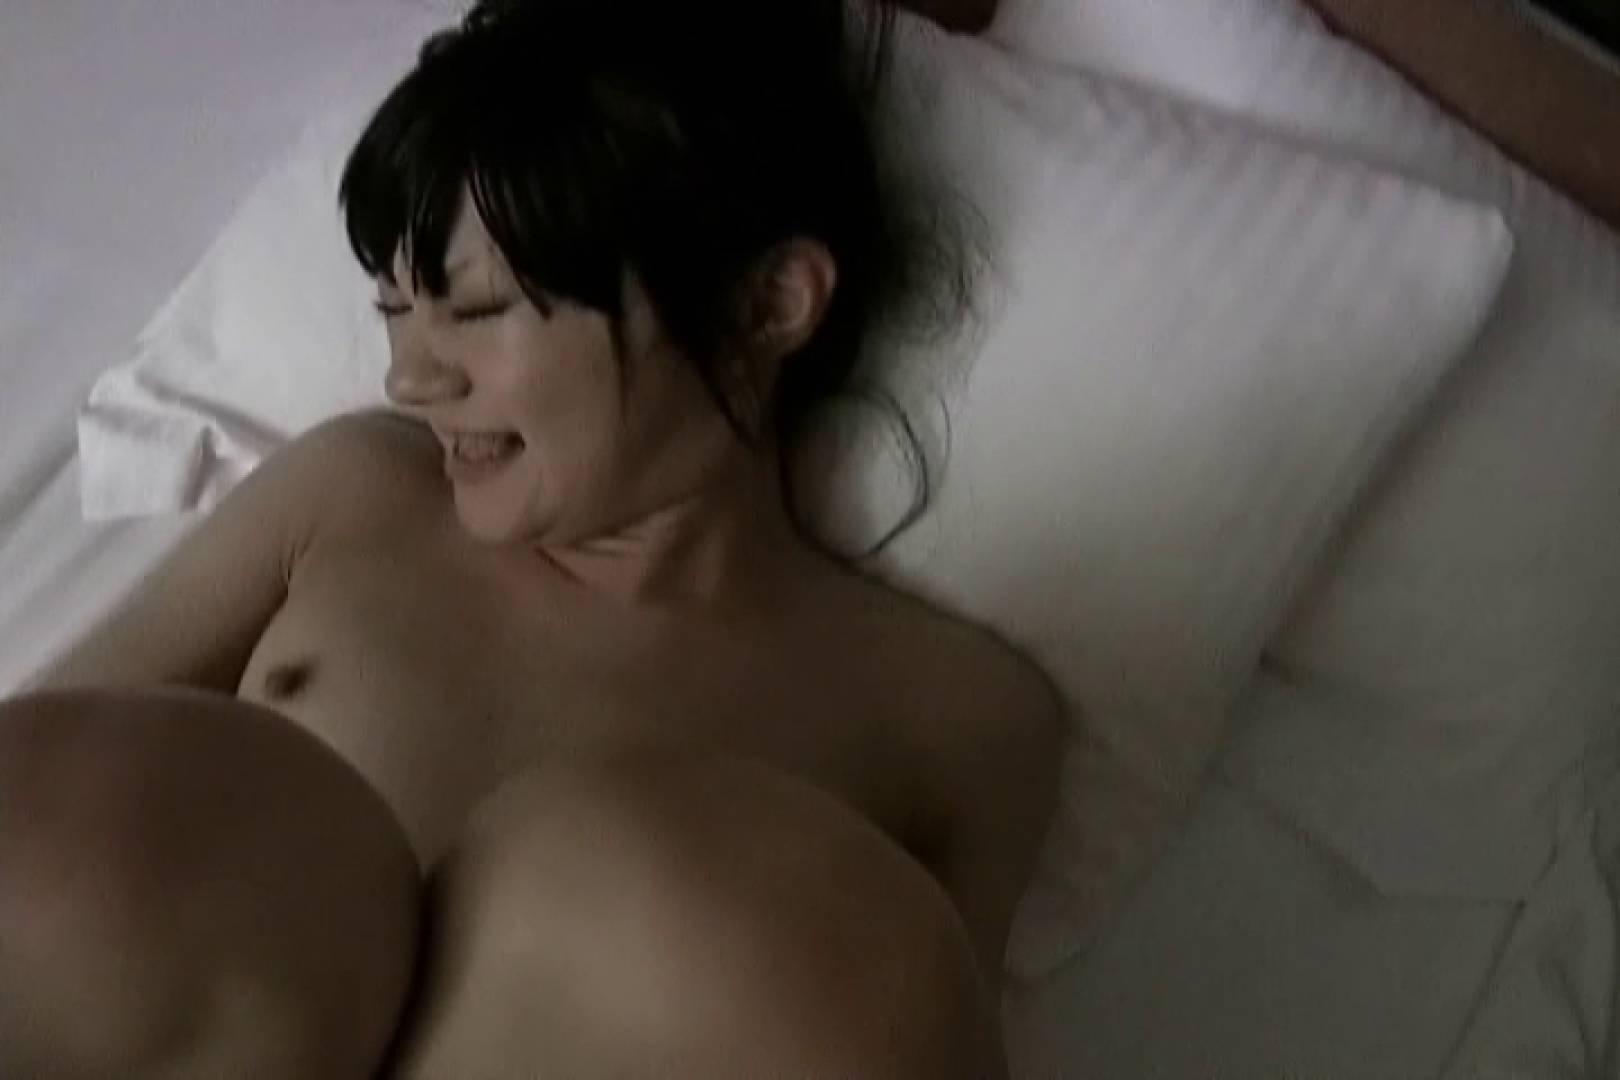 ハイビジョンパンチラ オッテQさんの追跡パンチラ制服女子編Vol.02 盗撮大放出 すけべAV動画紹介 21連発 10